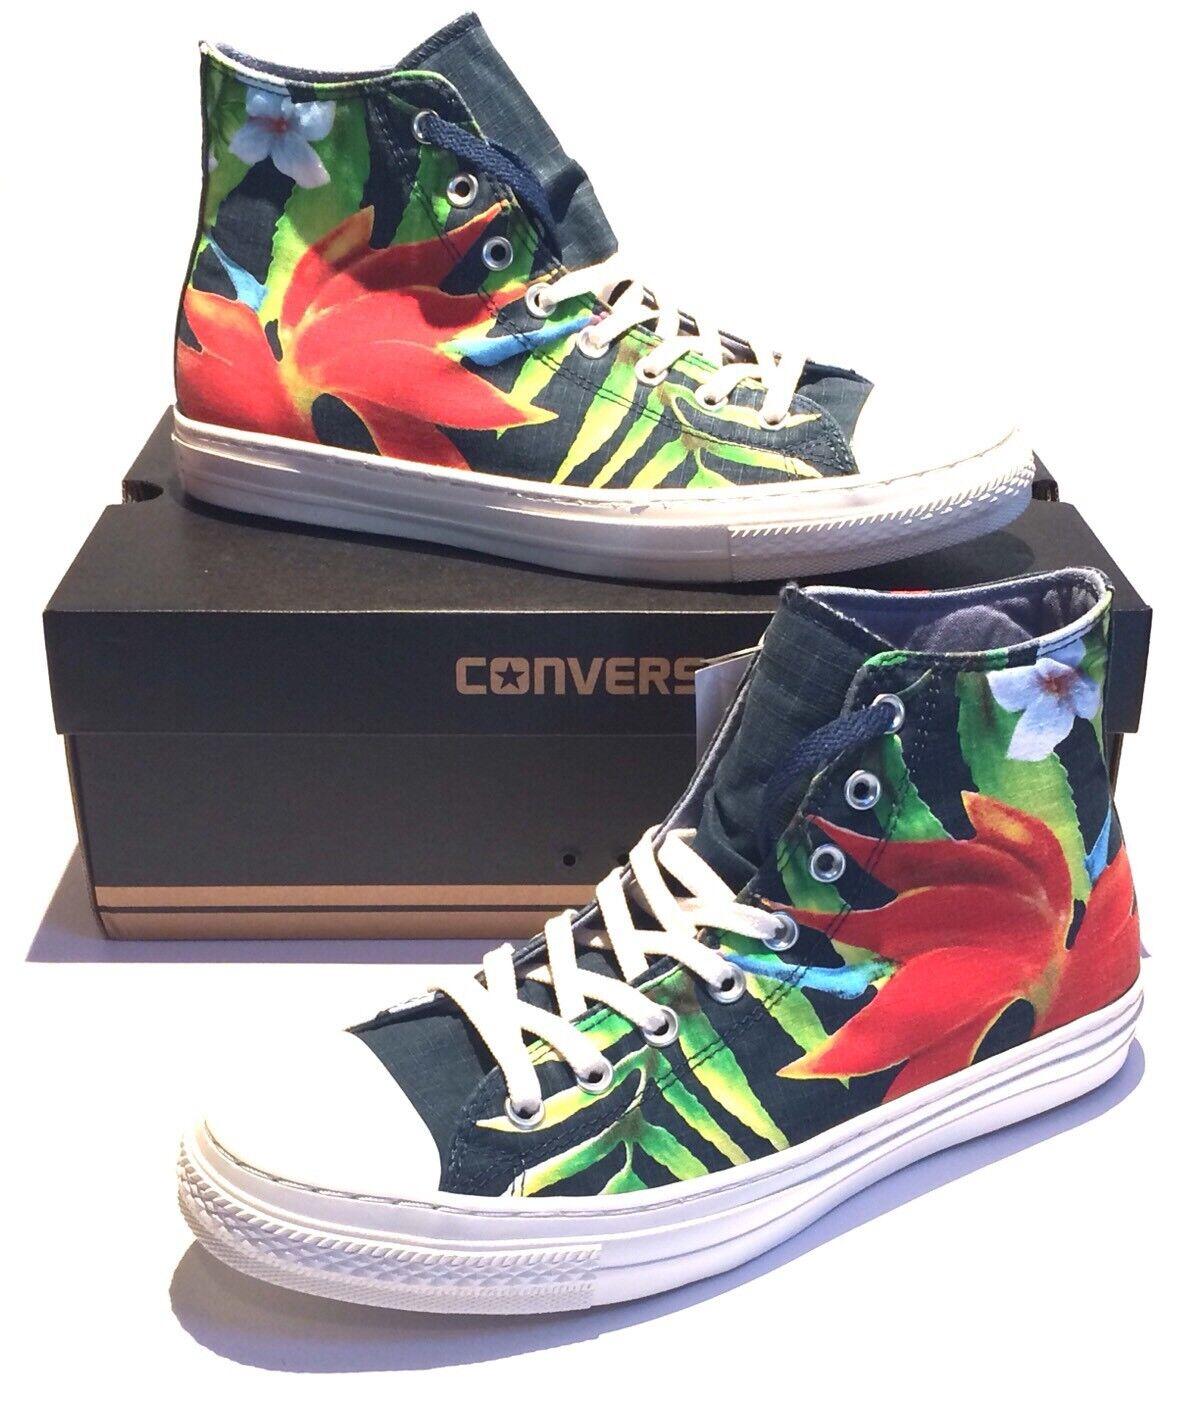 Converse CTAS Hi Dark 140793C Denim Tropical Floral Sneakers 140793C Dark 2282cc